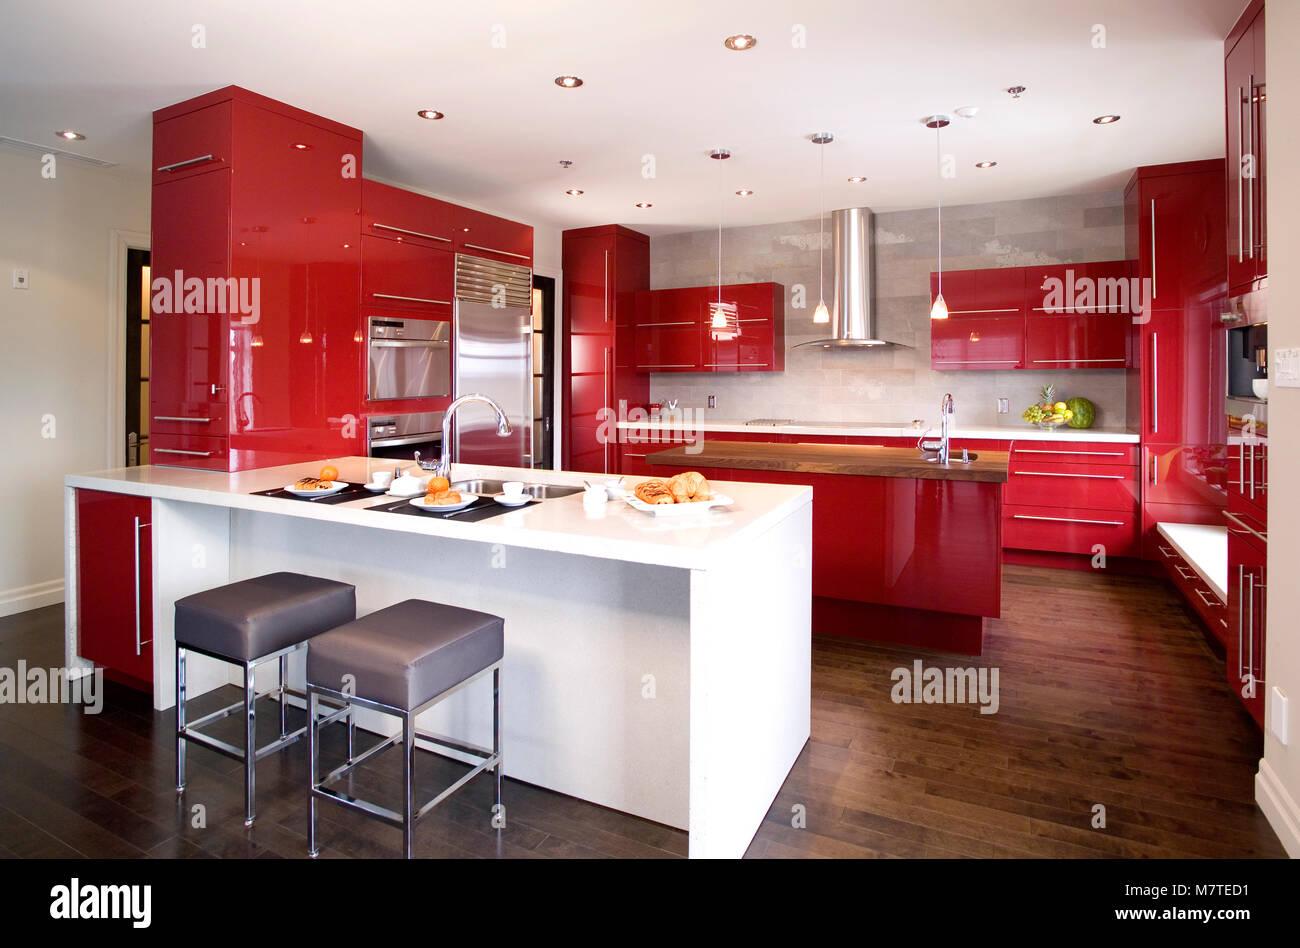 Moderne Rote Moderne Küche Mit 2 Verschiedenen Insel Und Ein Dunkler  Holzfußboden